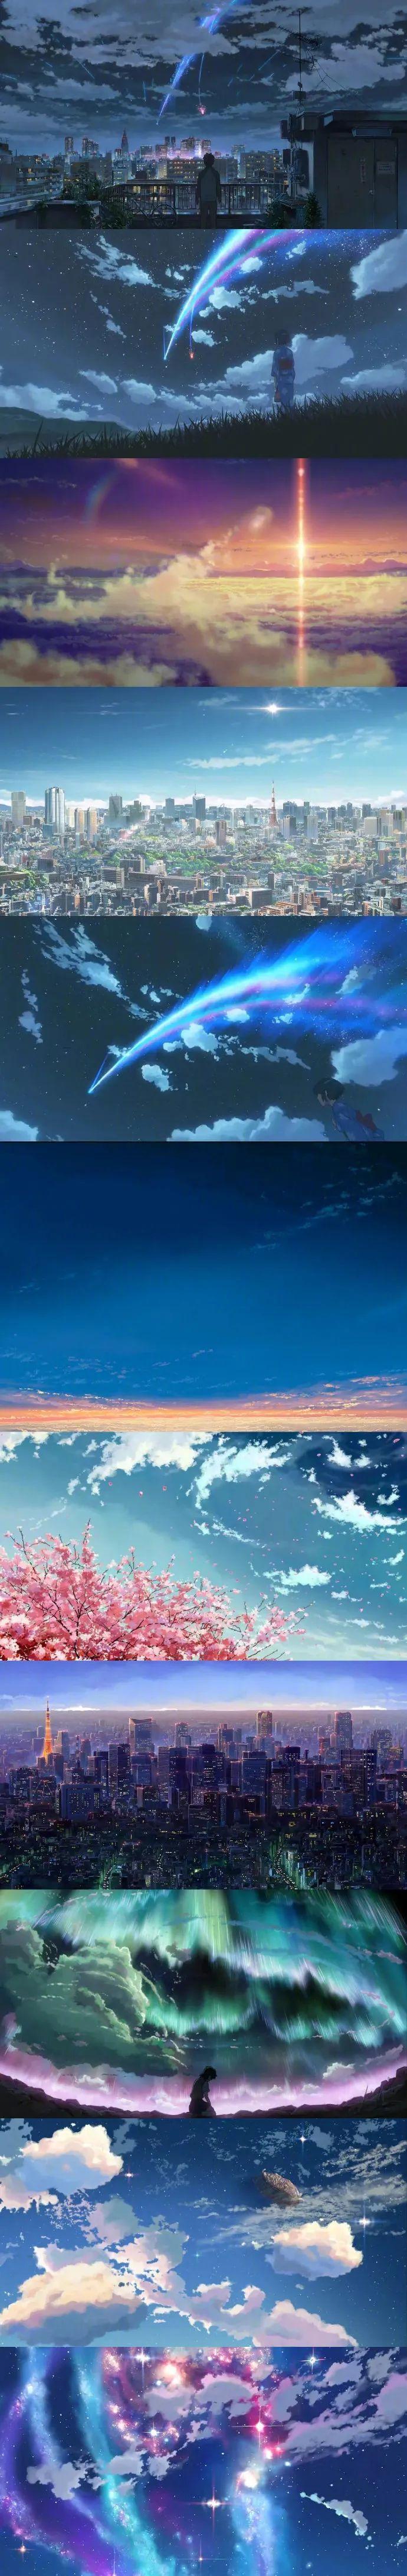 新海诚动画景色壁纸特辑,唯美到窒息!_图片 No.3